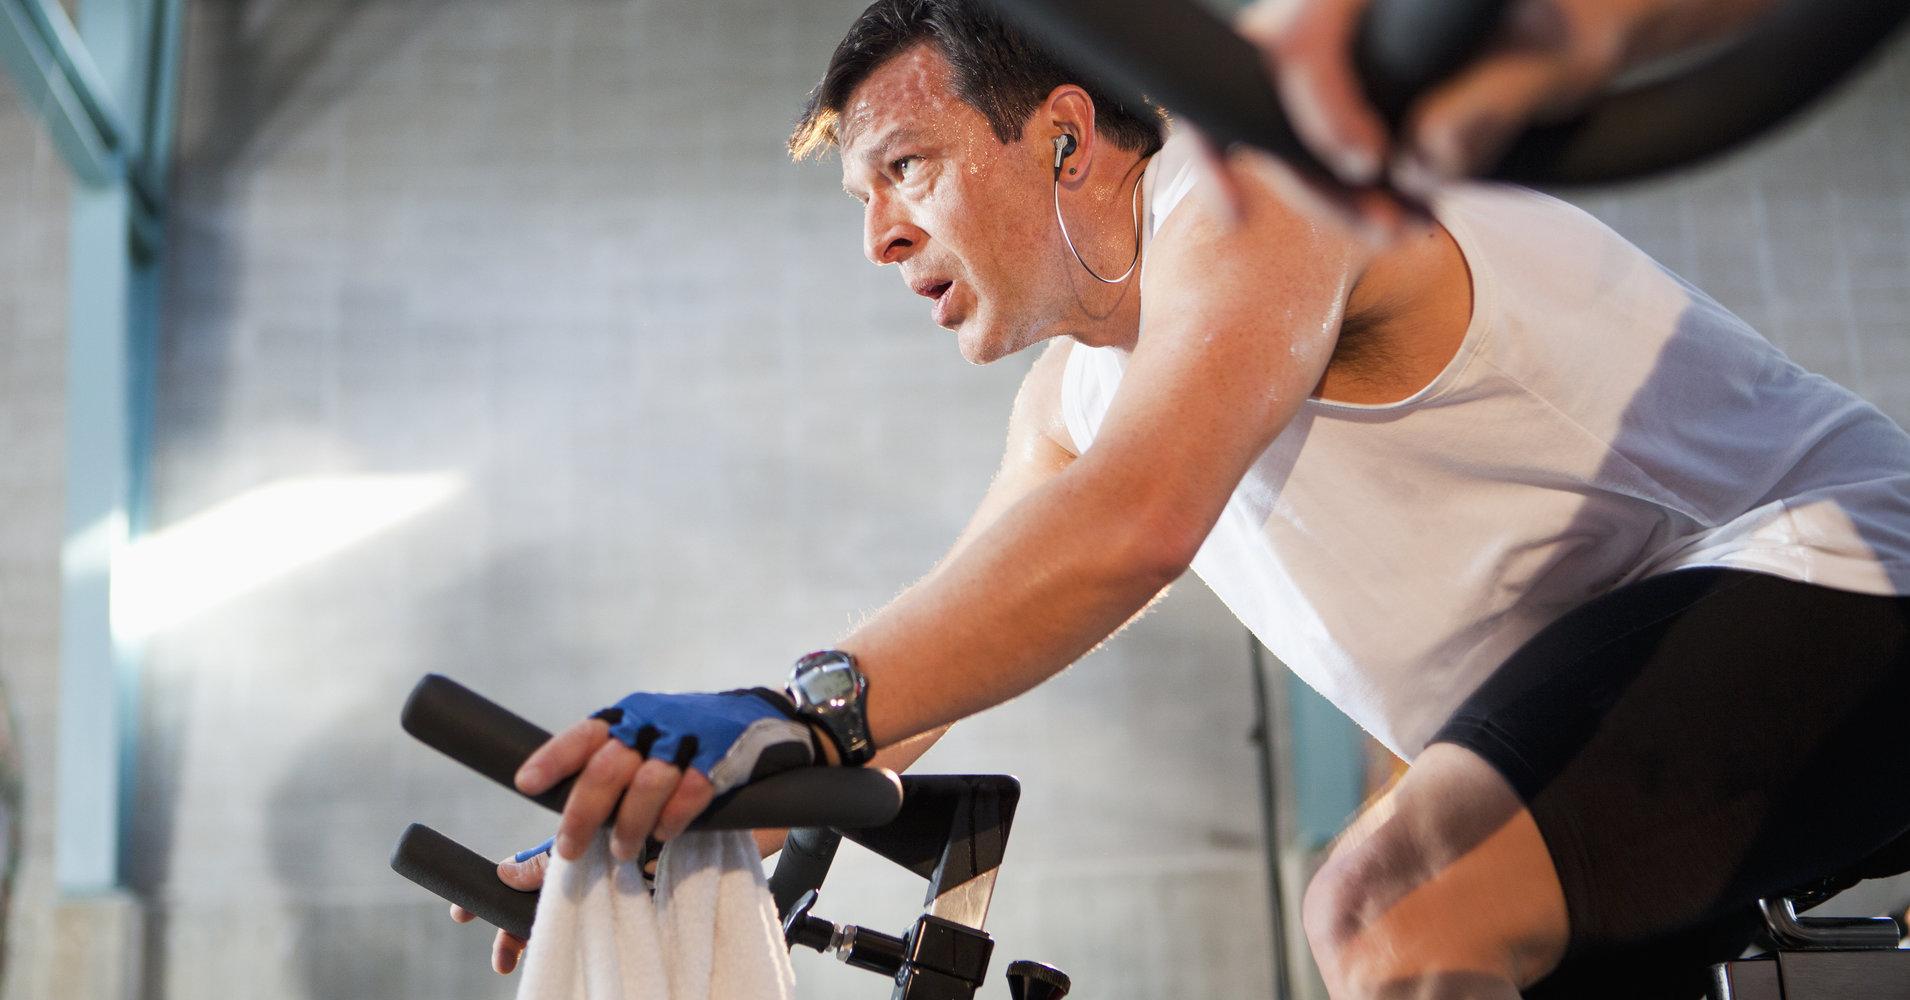 gewichtstoename-bestrijden-na-je-veertigste-door-training